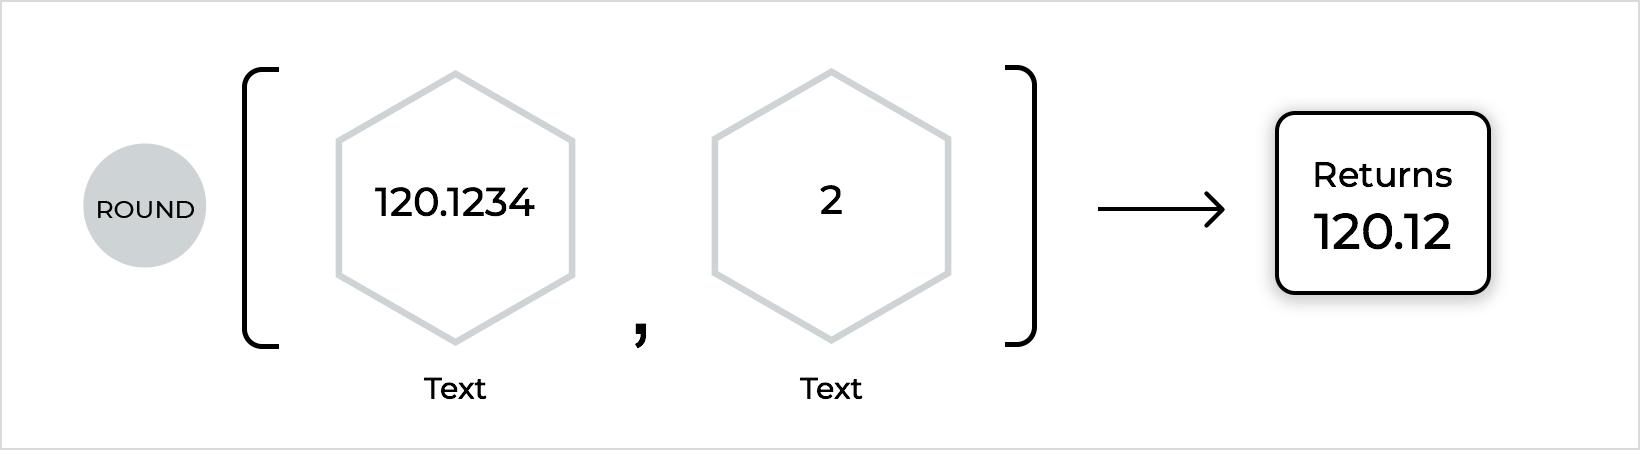 Round Example